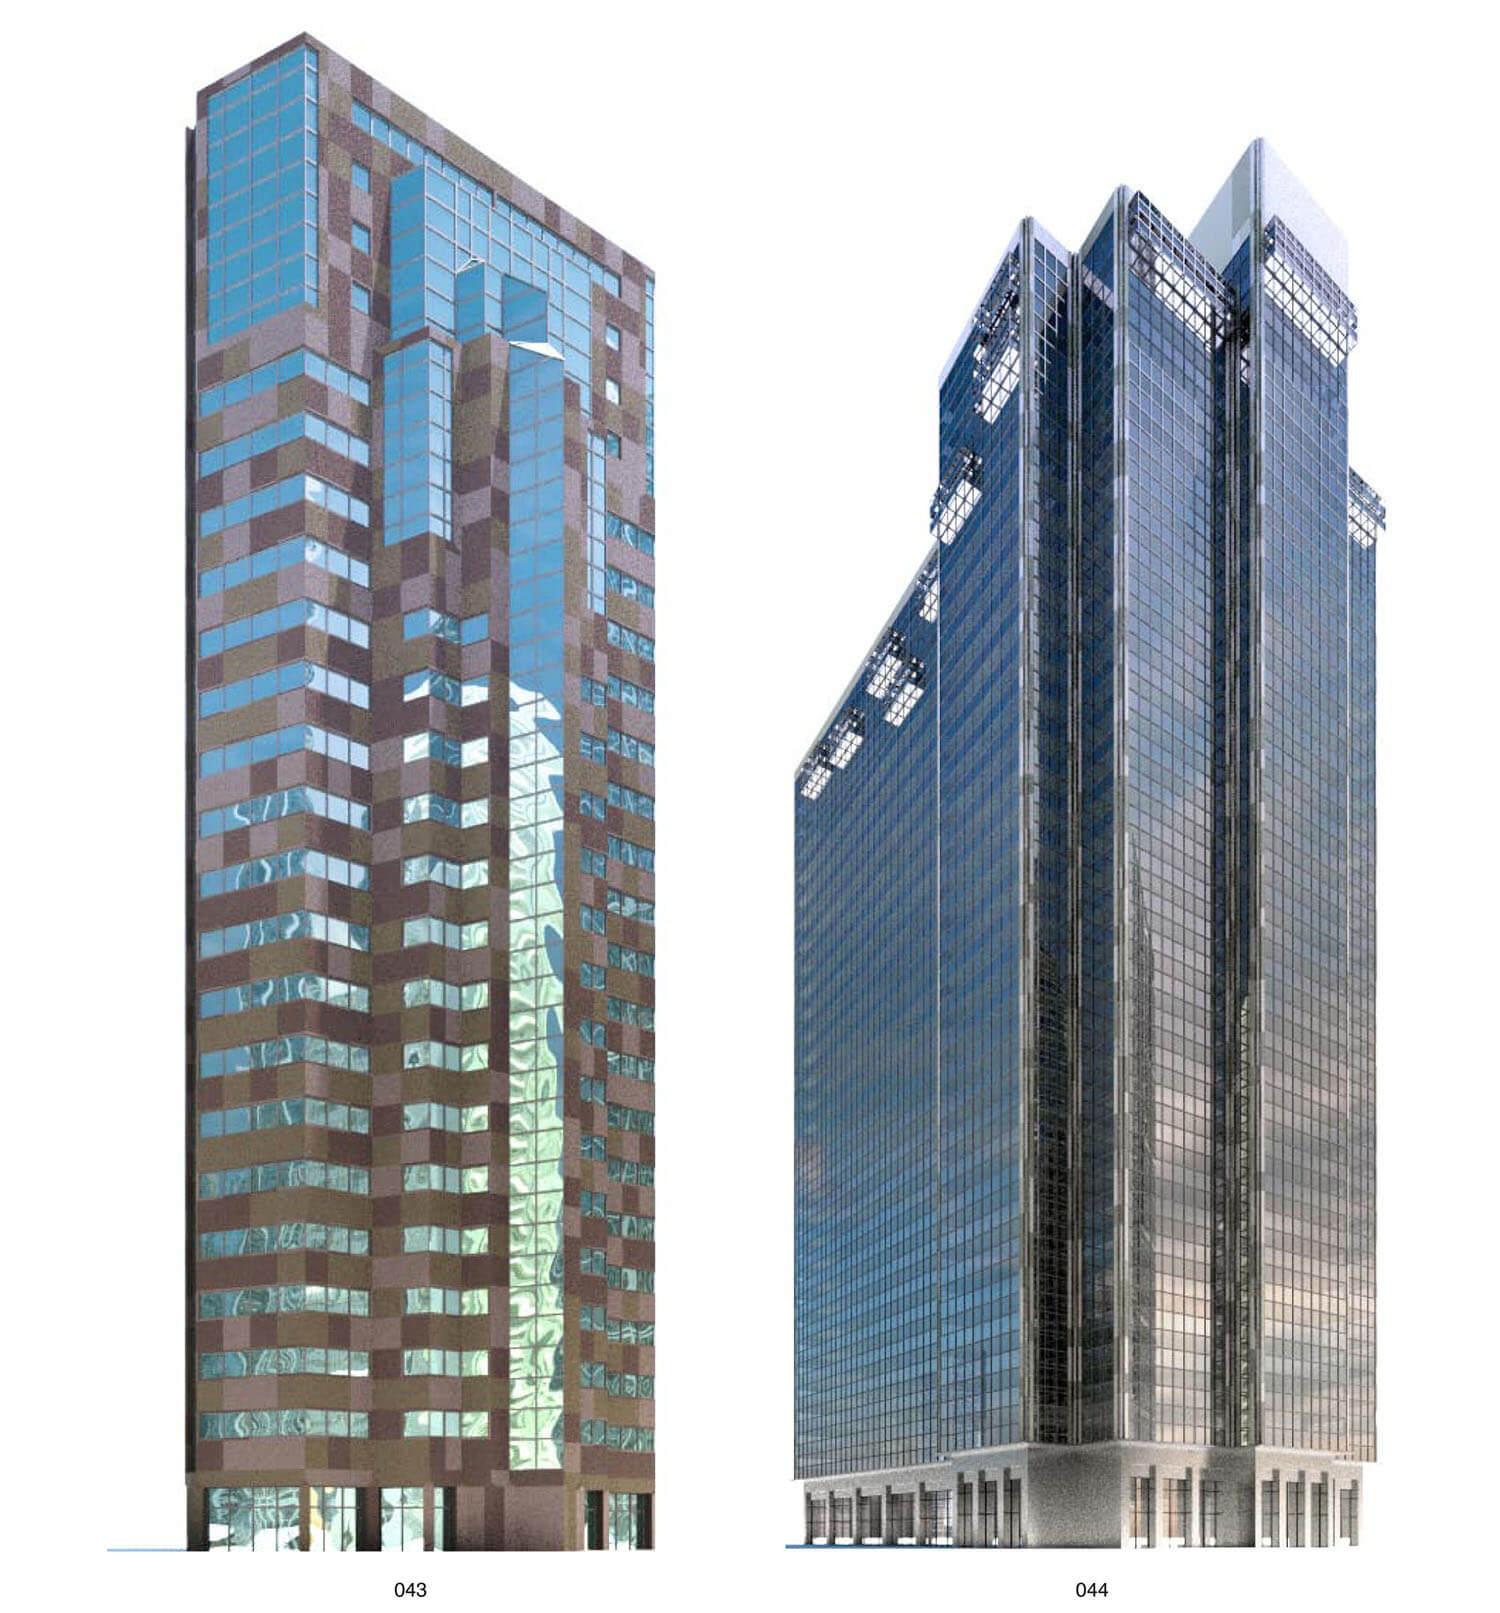 Nhà cao tầng với màu sắc và đường nét đơn giản nhưng mạnh mẽ